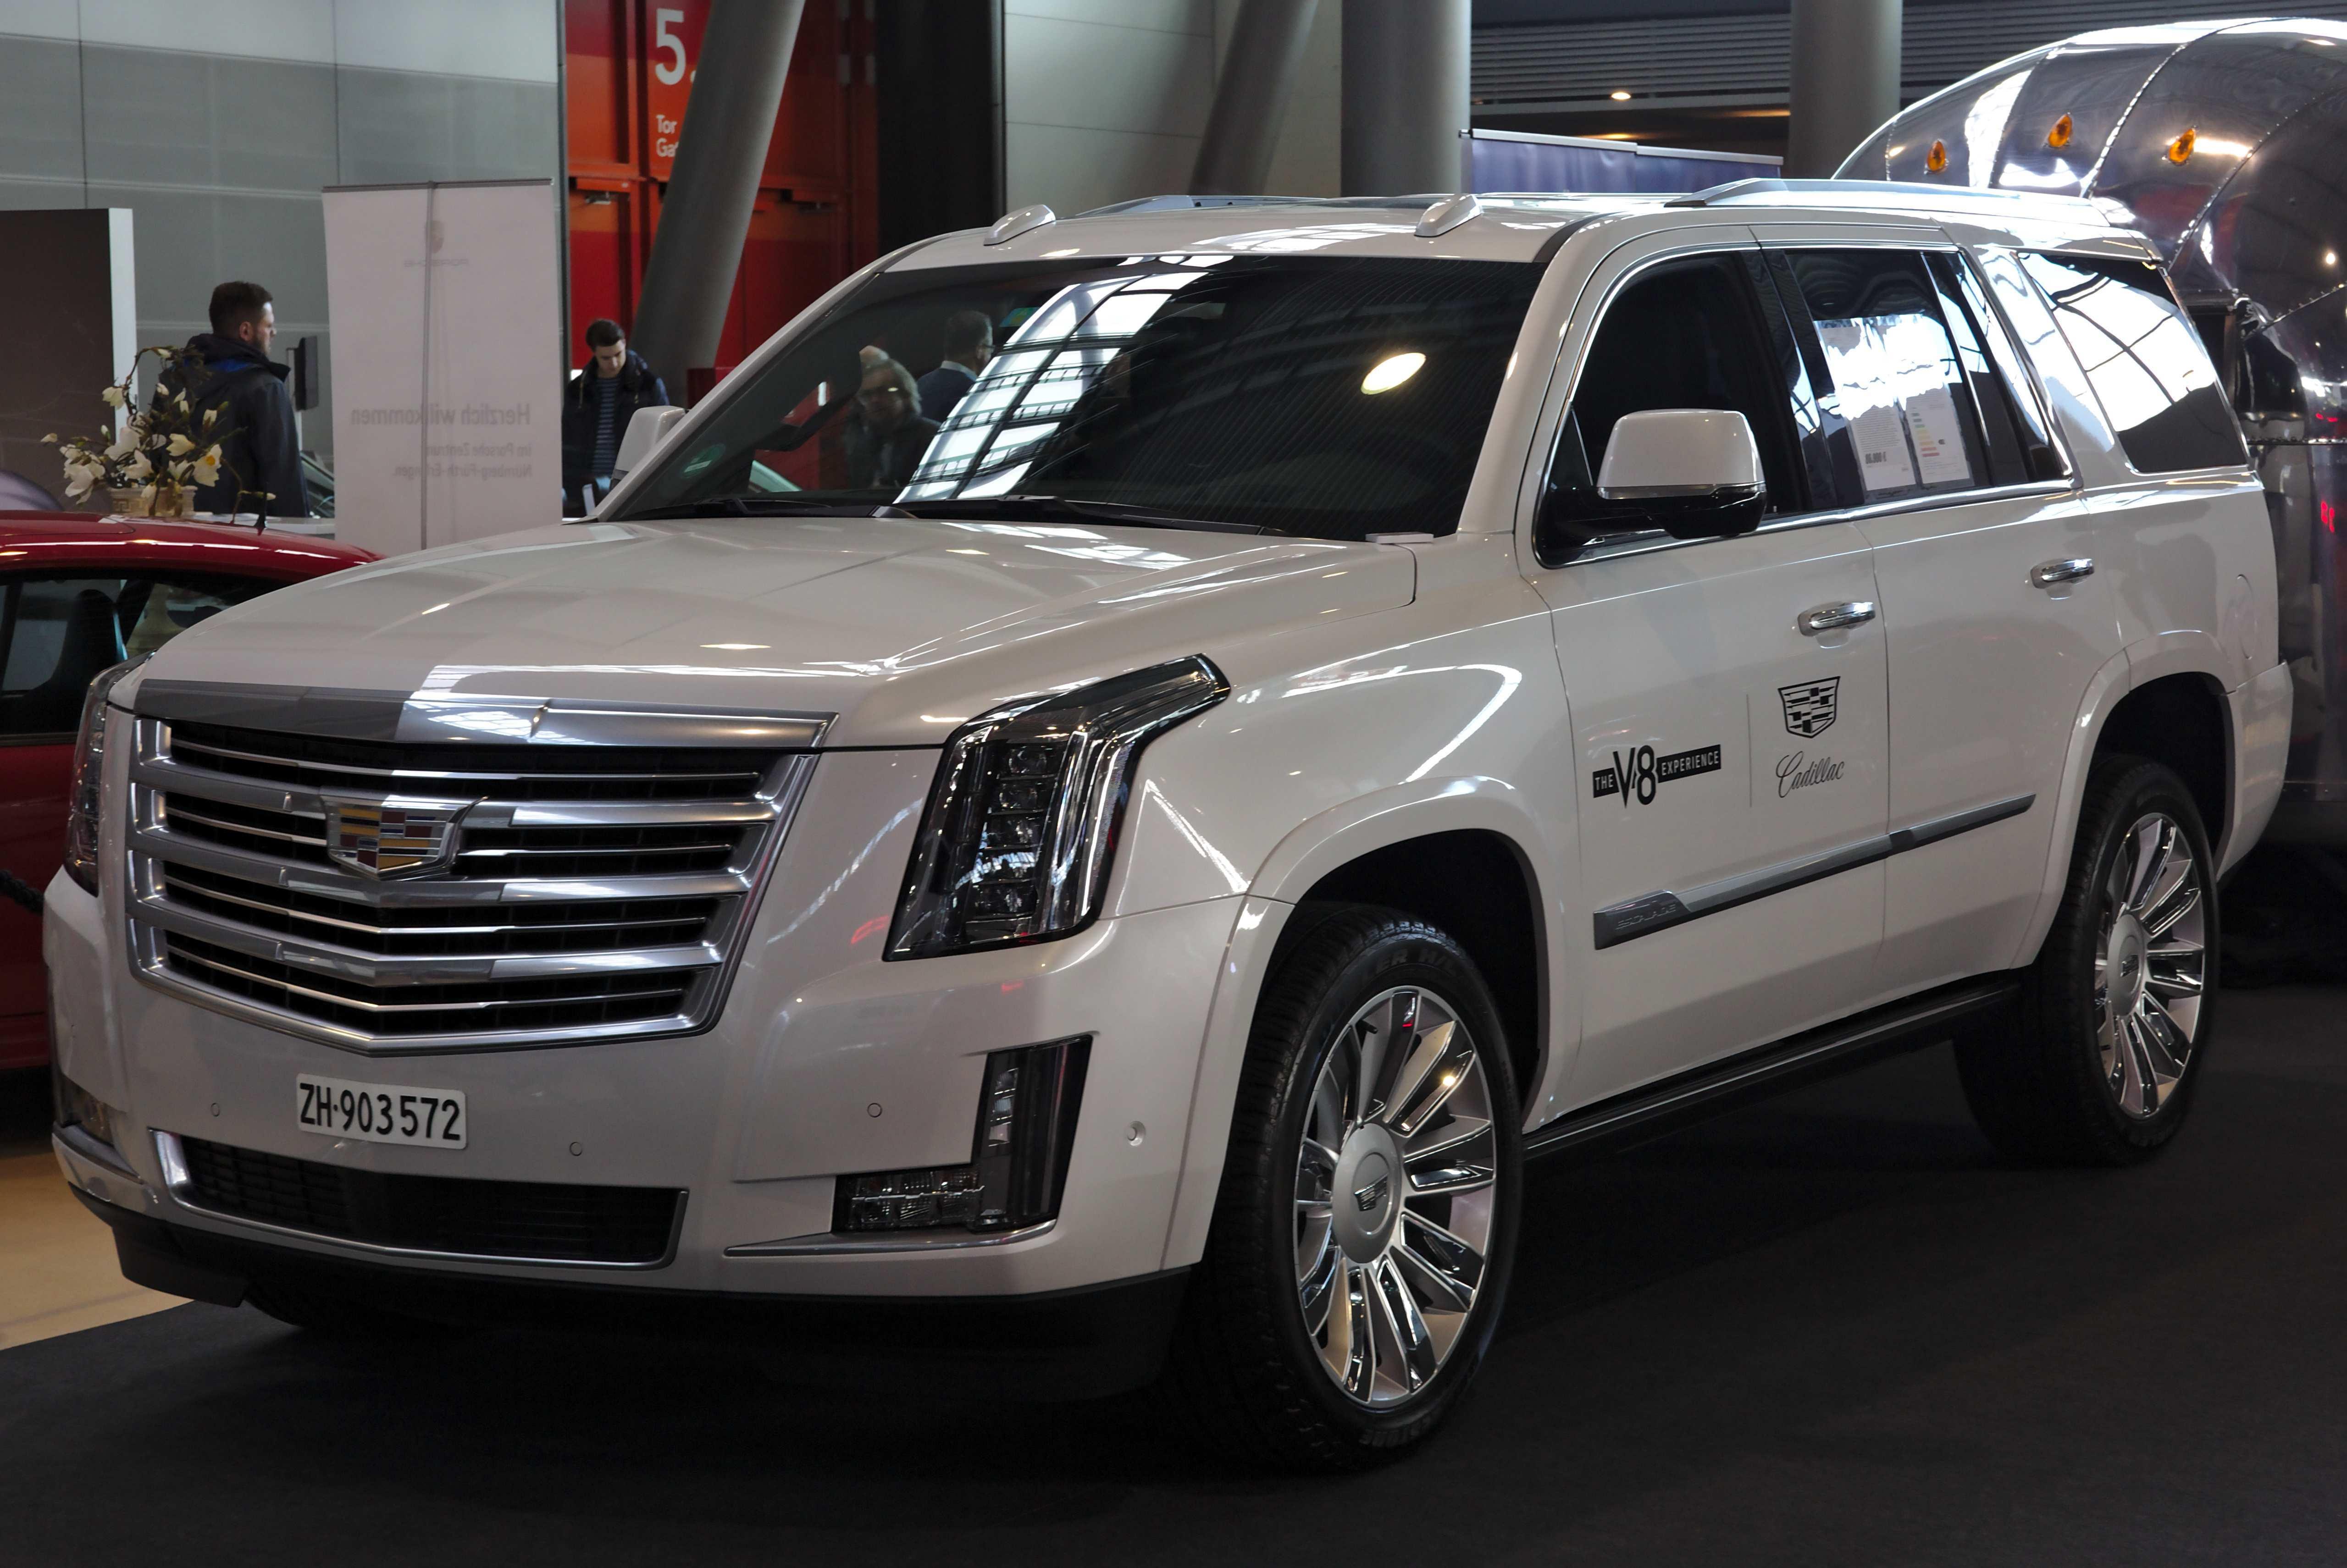 81 Best Review 2020 Cadillac Escalade Hybrid Exterior and Interior by 2020 Cadillac Escalade Hybrid